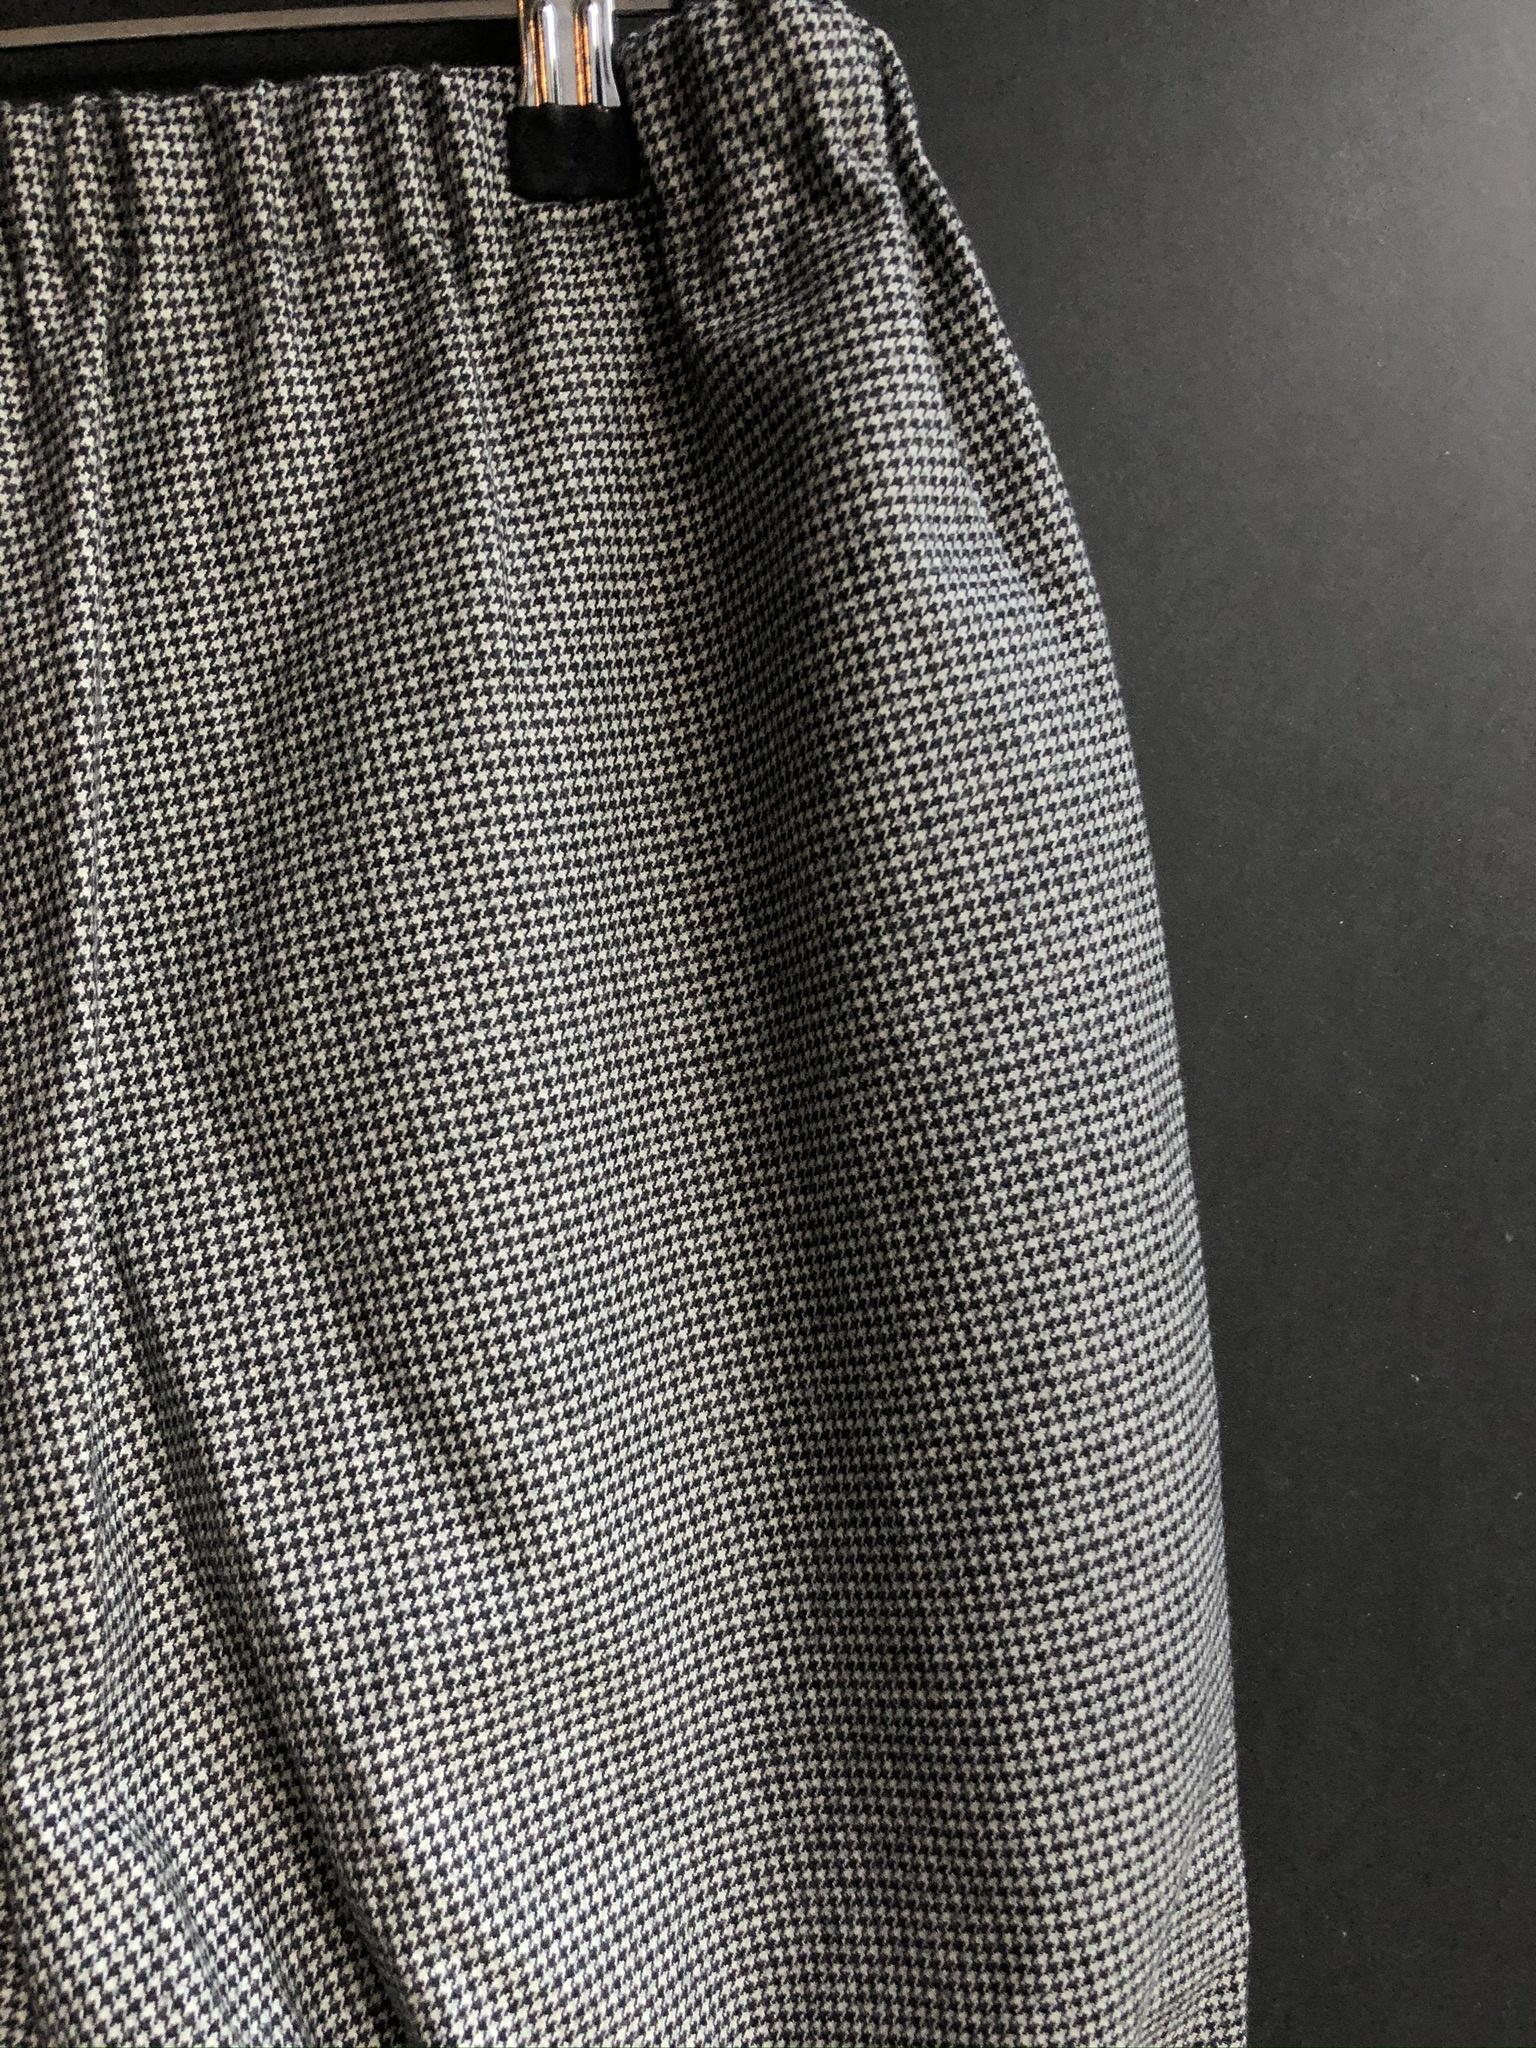 pants check-4